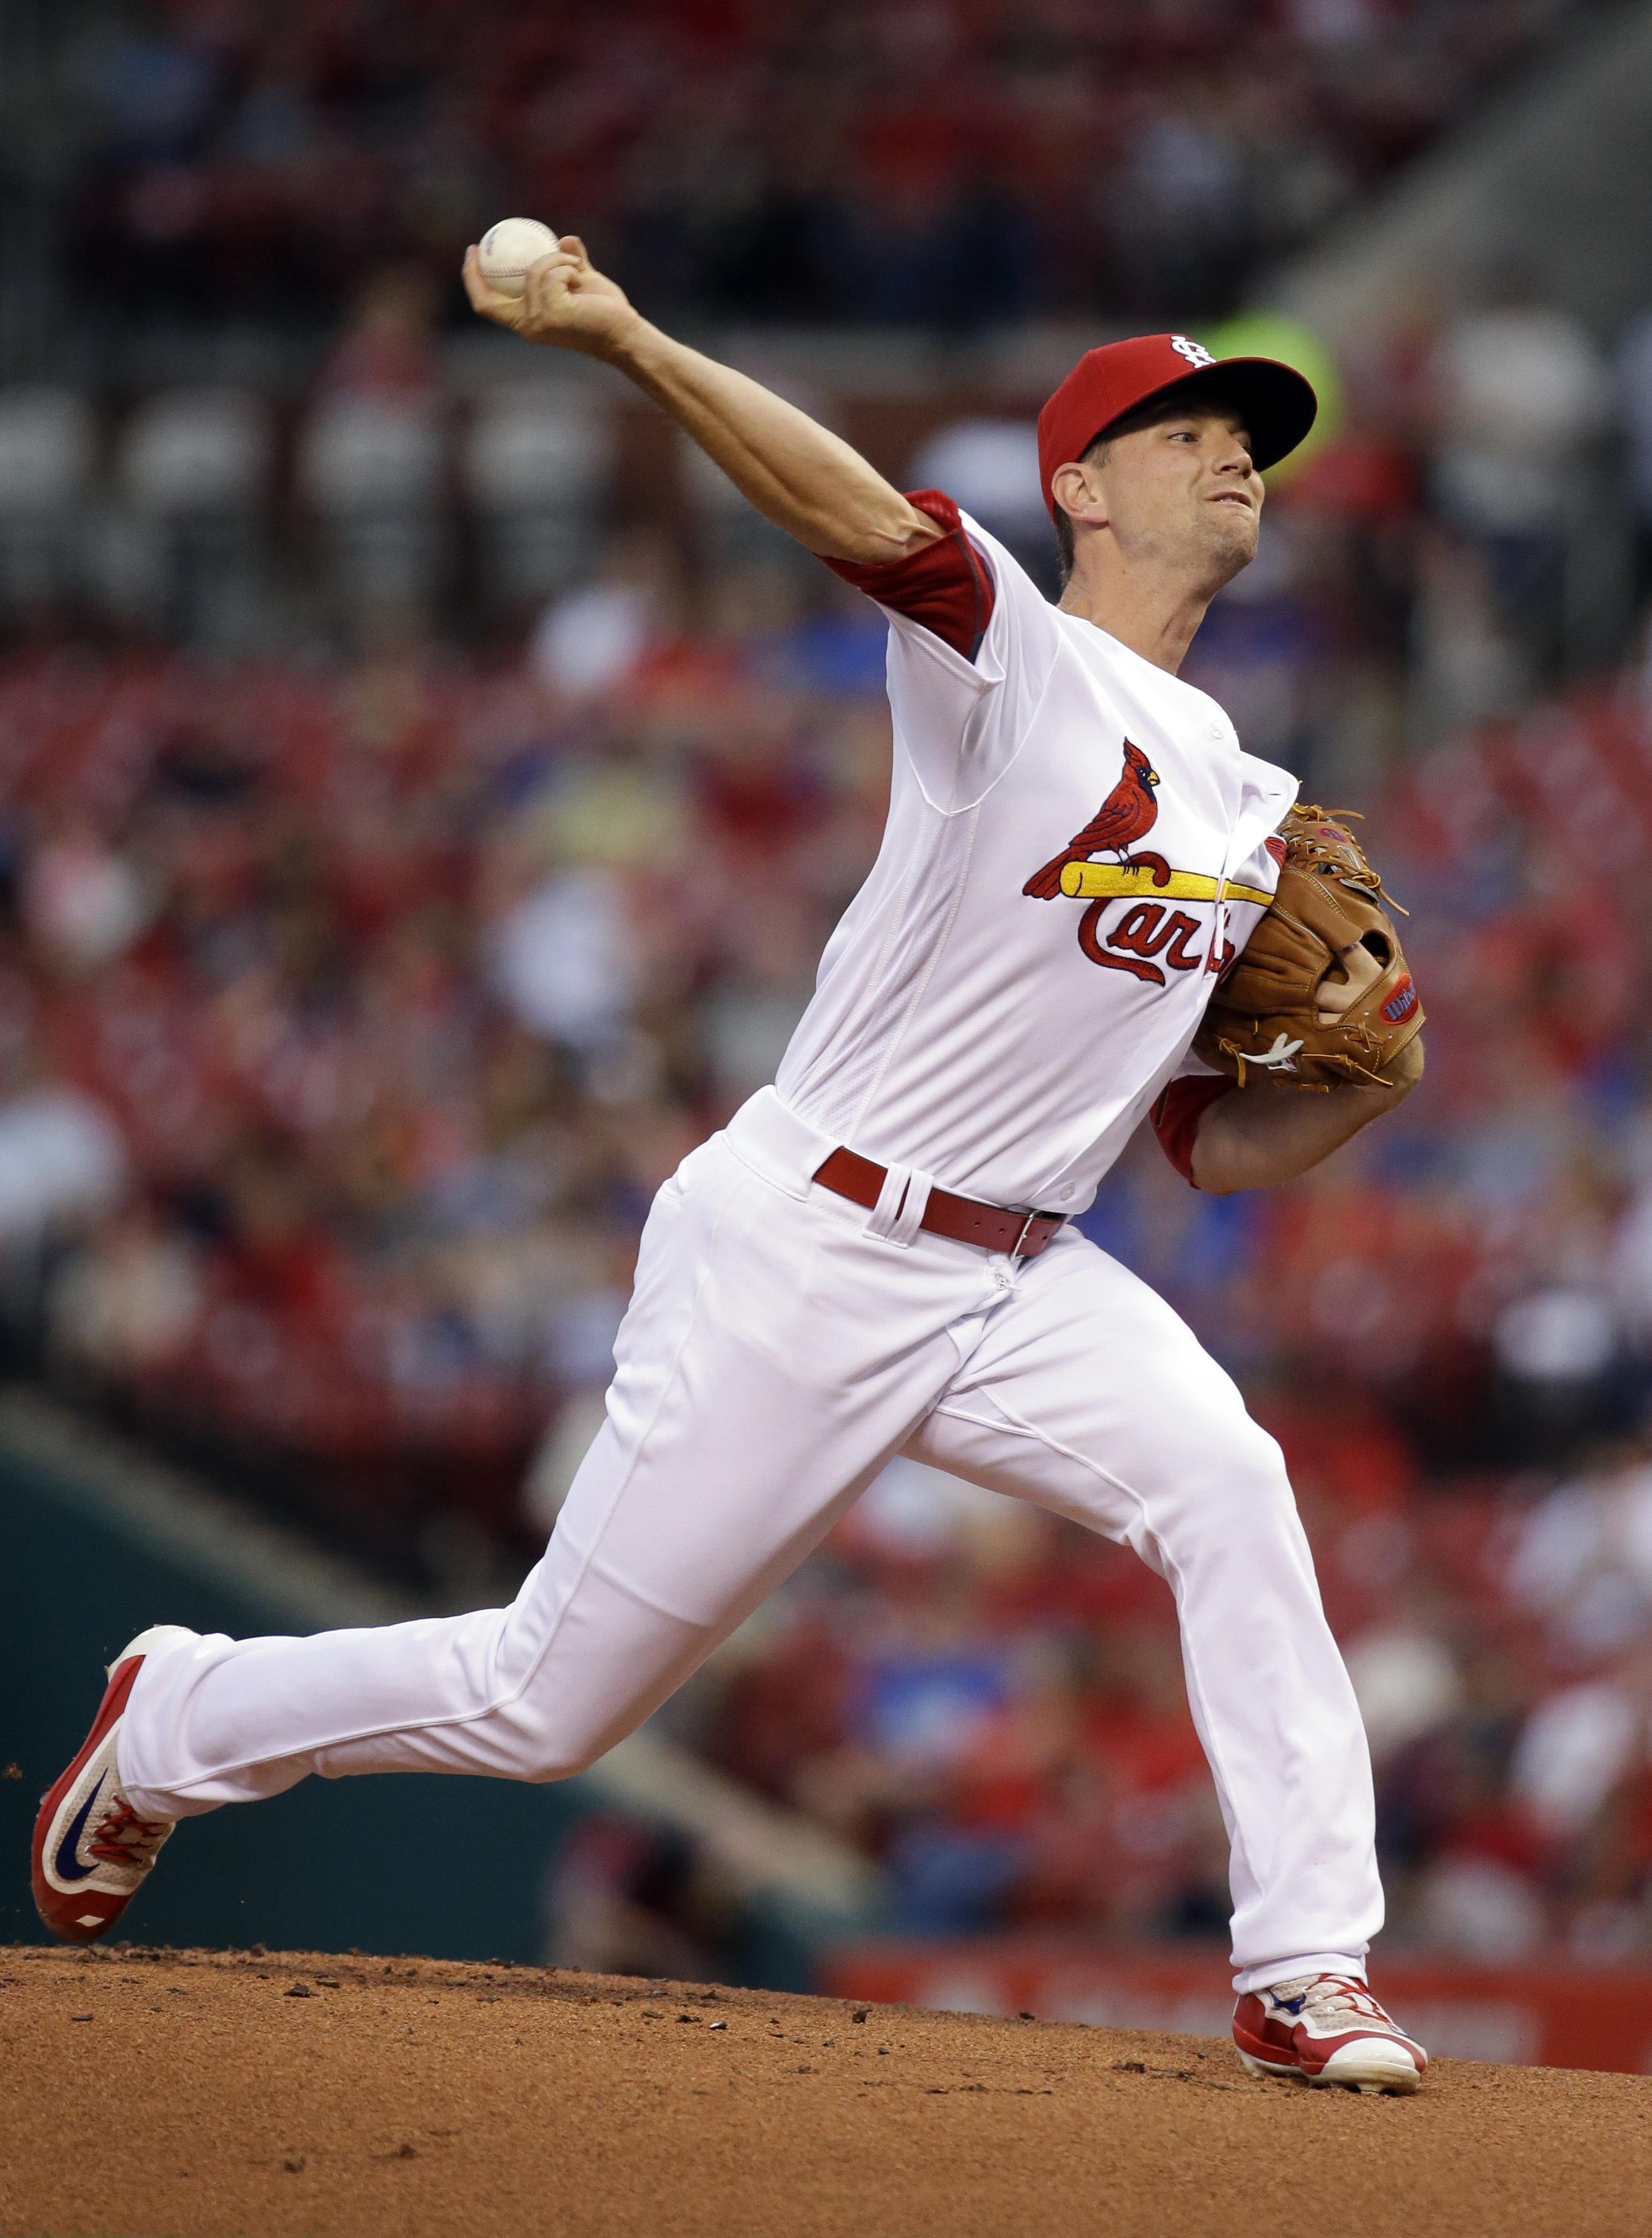 Cubs_cardinals_baseball